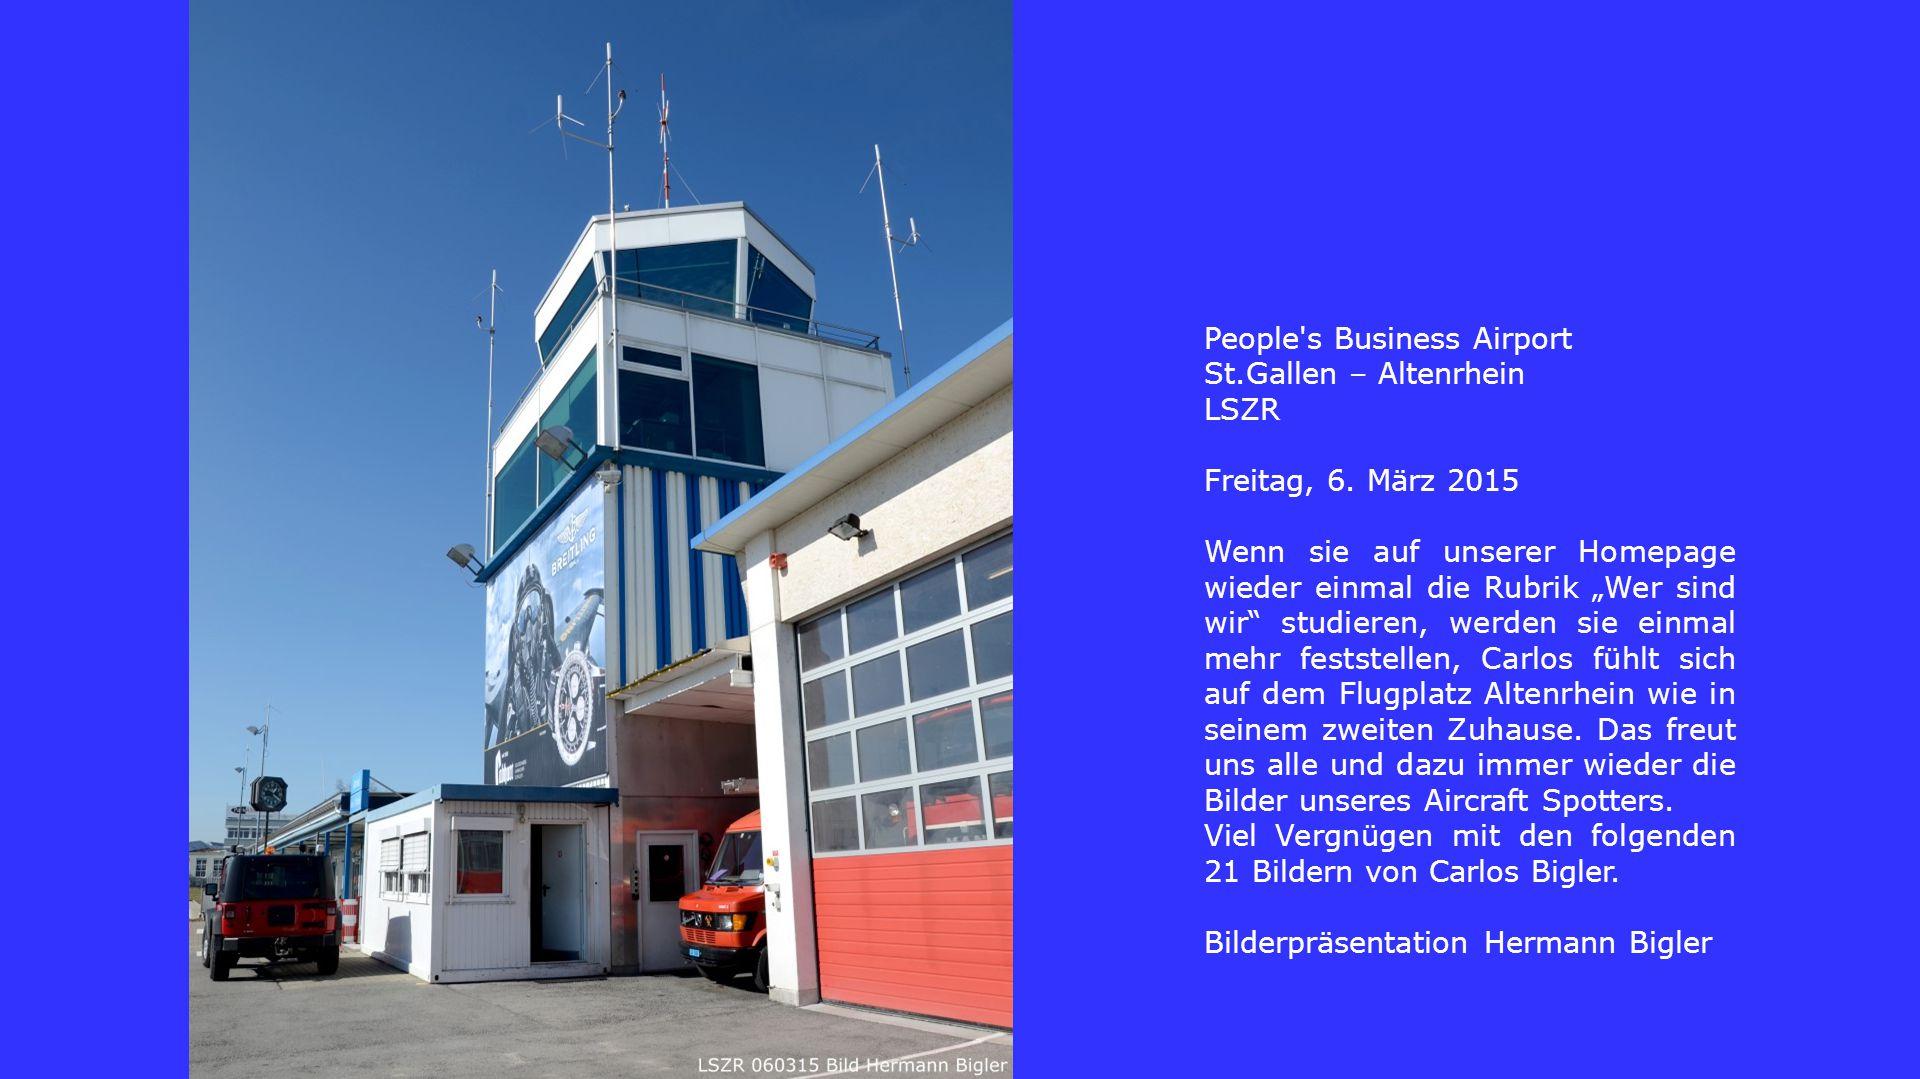 Agusta Power A109E aus Zürich Airport wartet auf die angemeldeten Passagiere.